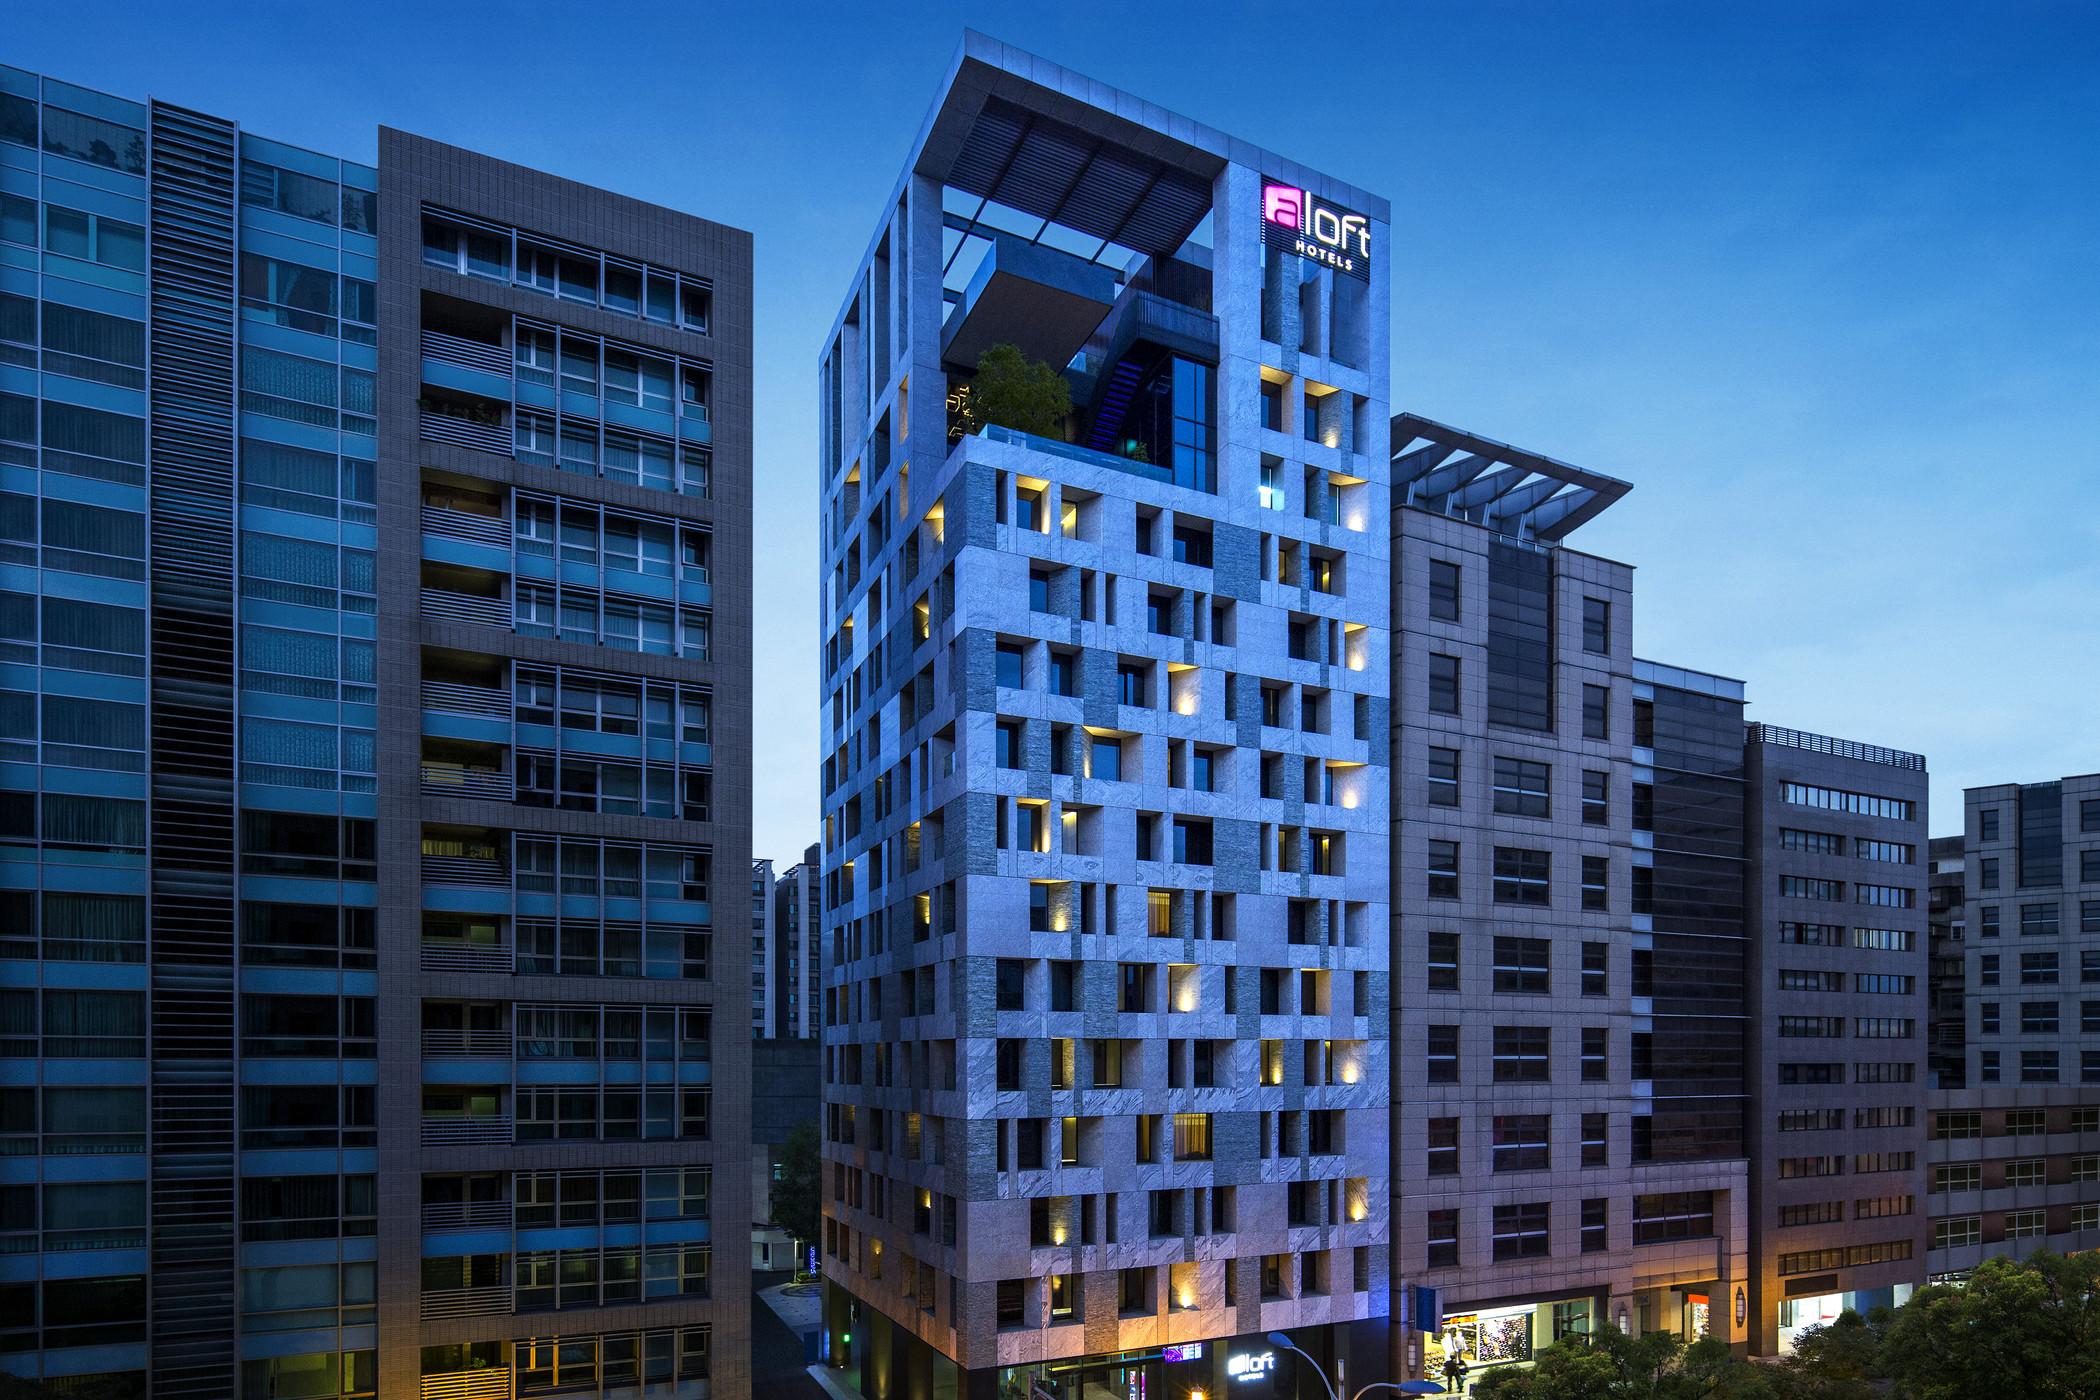 为年轻旅人量身打造酒店潮牌,是雅乐轩酒店的设计和运营理念,它是酒店业历史上发展速度最快的品牌之一,在创办后的短短六个月时间里,就在三个国家开设了18家酒店,目前筹备酒店数量在喜达屋各大品牌中位居第二。台北中山雅乐轩酒店是台湾第一间亚太第十间,青春活泼的感觉与W酒店一脉相承,从你步入酒店的那一刻,乘坐电梯经过走廊,直到你进入房间和餐厅,都会感受到其带来的设计、音乐以及科技元素上的创新。